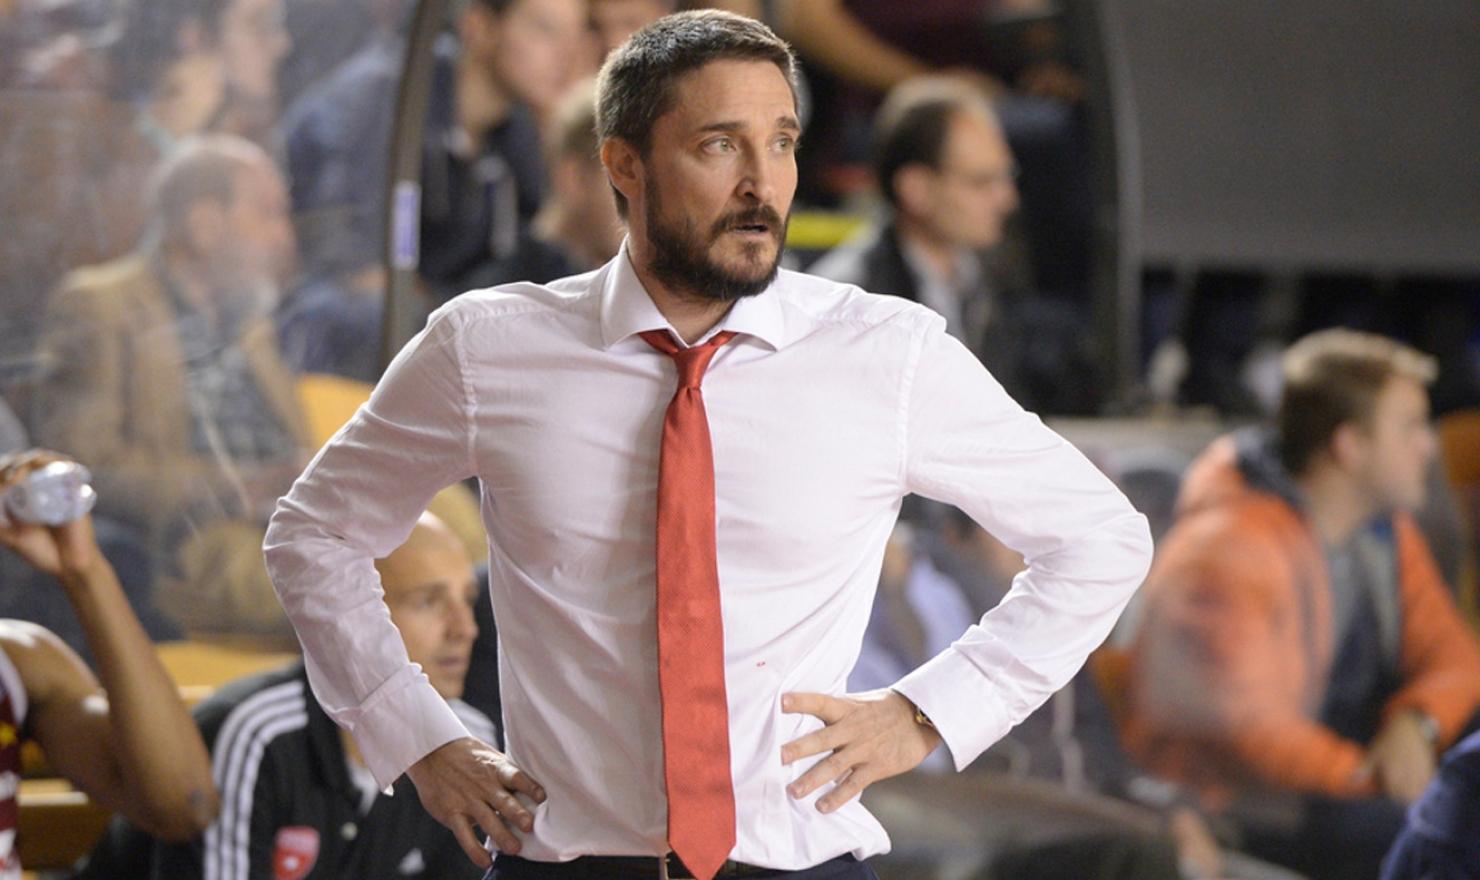 Dopo la pesante sconfitta di Torino, Vincenzo Esposito s'è dimesso dalla guida della Dinamo, al suo posto Gianmarco Pozzecco che esordirà venerdì sera con Venezia nel quarto delle Final Eight di Coppa Italia.